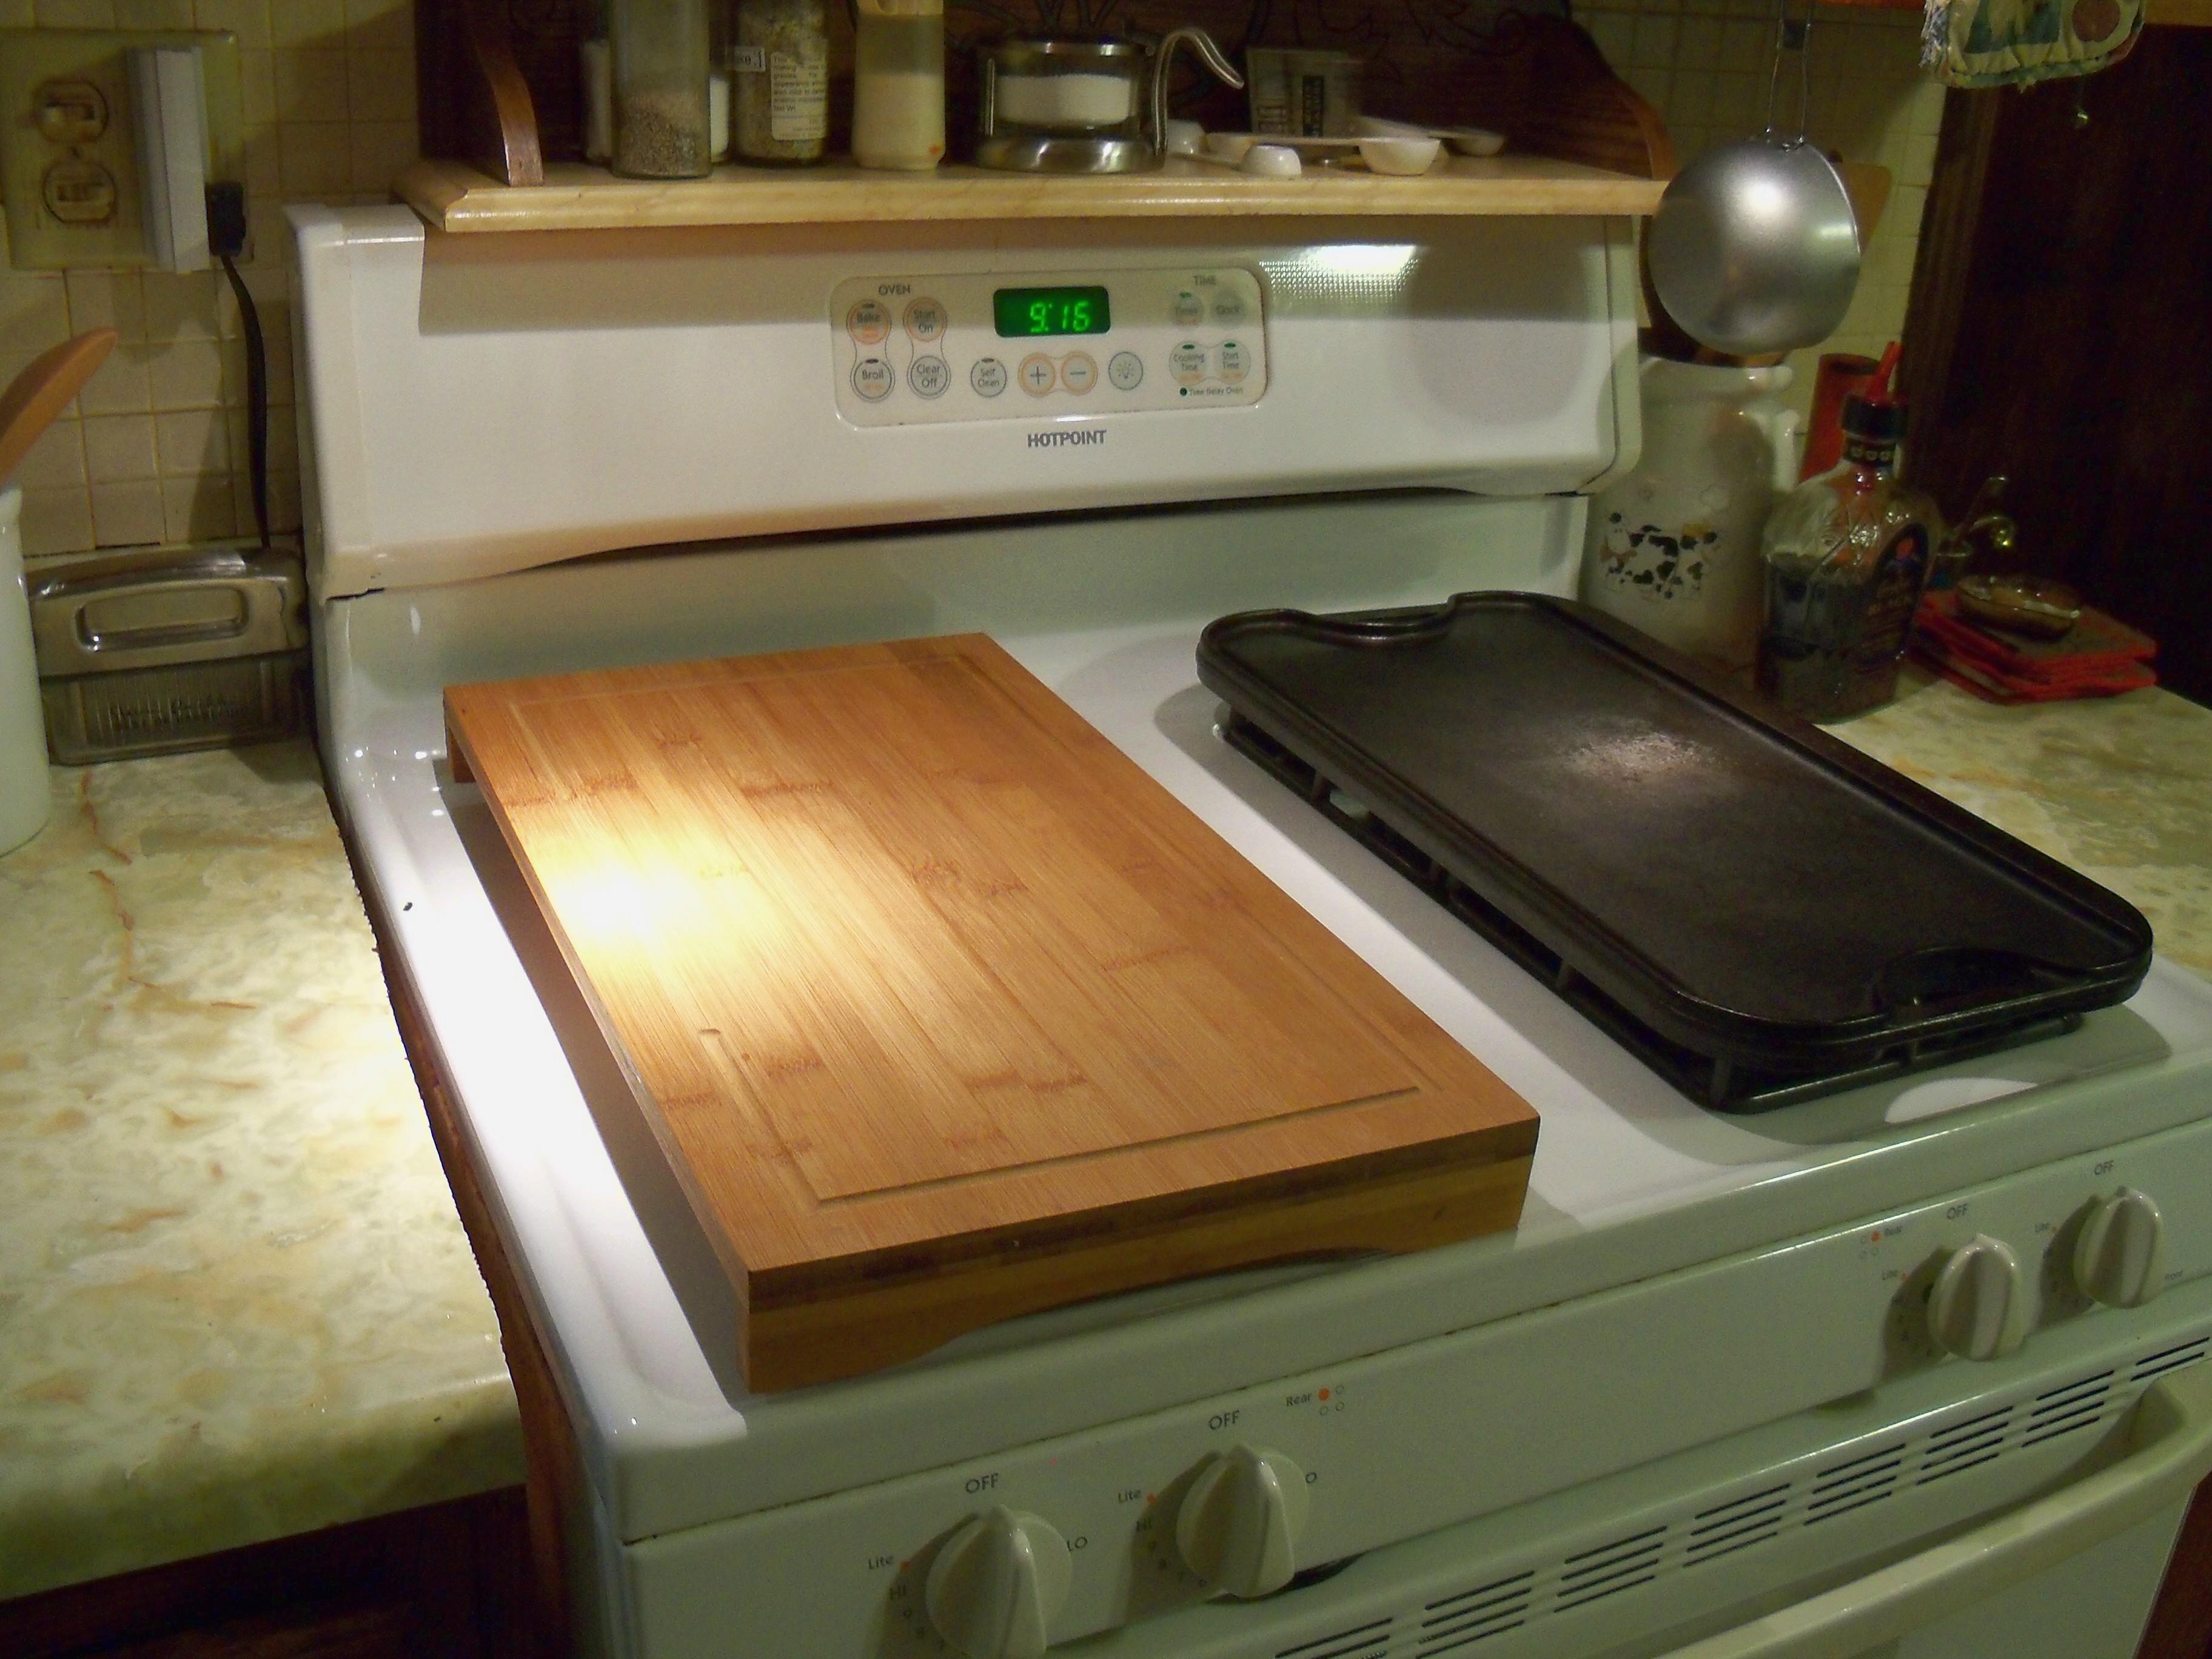 kenmore ceramic top stove manual